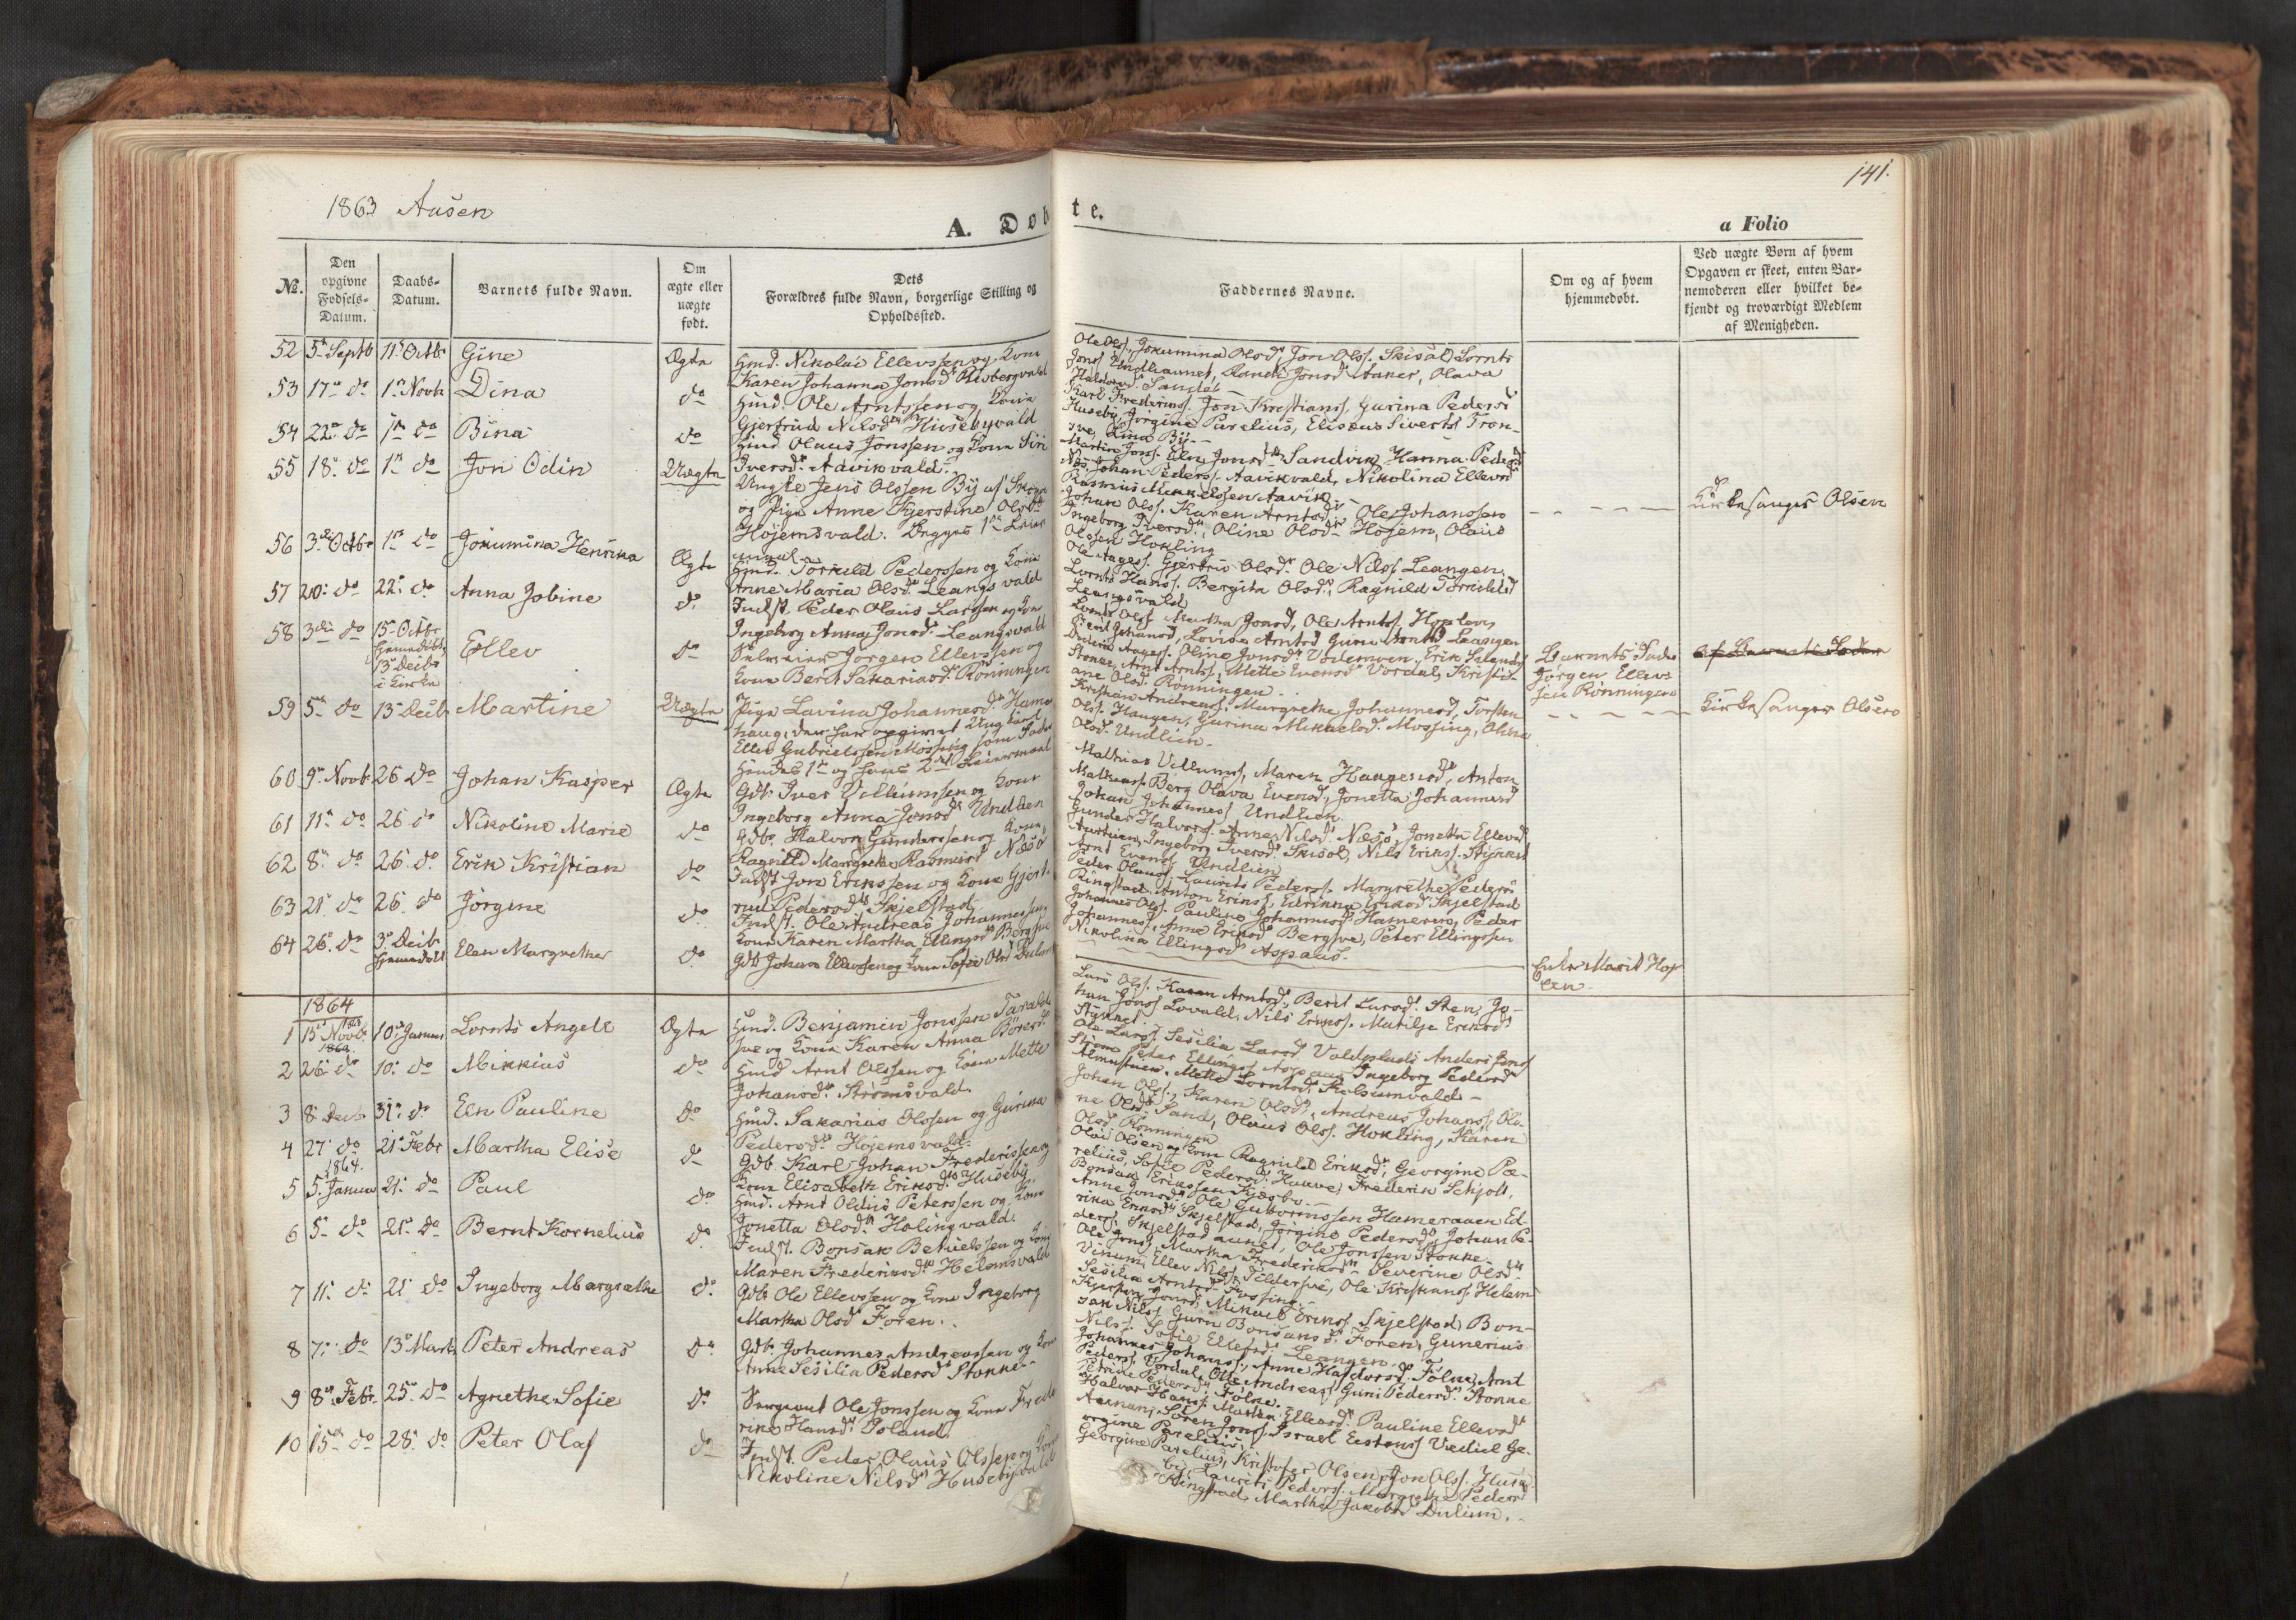 SAT, Ministerialprotokoller, klokkerbøker og fødselsregistre - Nord-Trøndelag, 713/L0116: Ministerialbok nr. 713A07, 1850-1877, s. 141